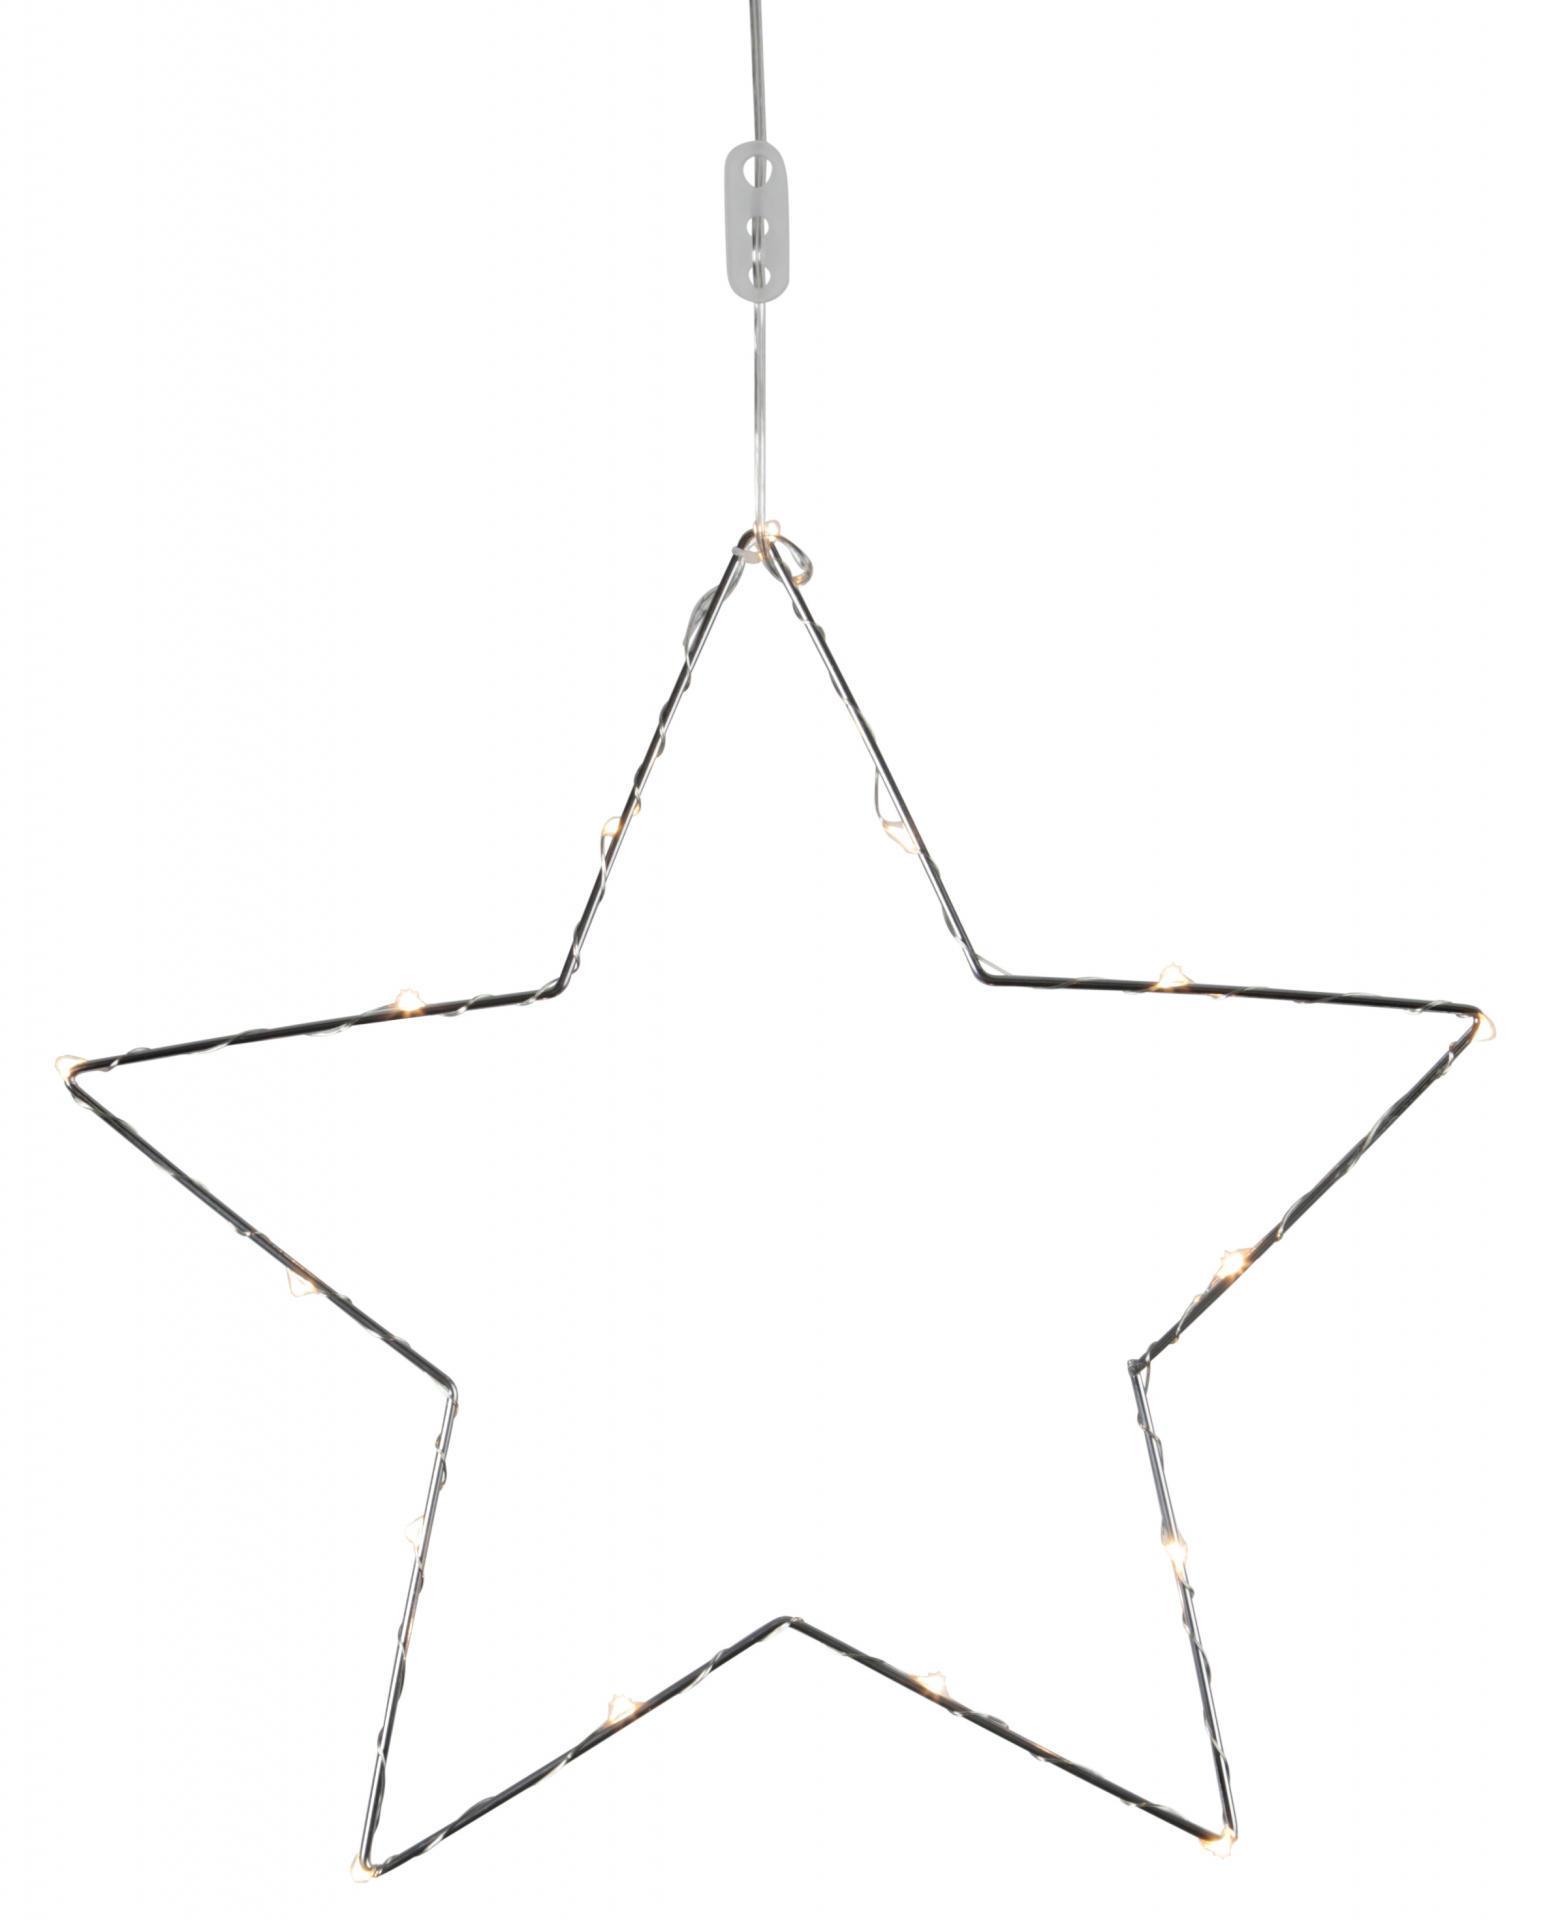 STAR TRADING Kovová svítící hvězda Chrome, stříbrná barva, kov